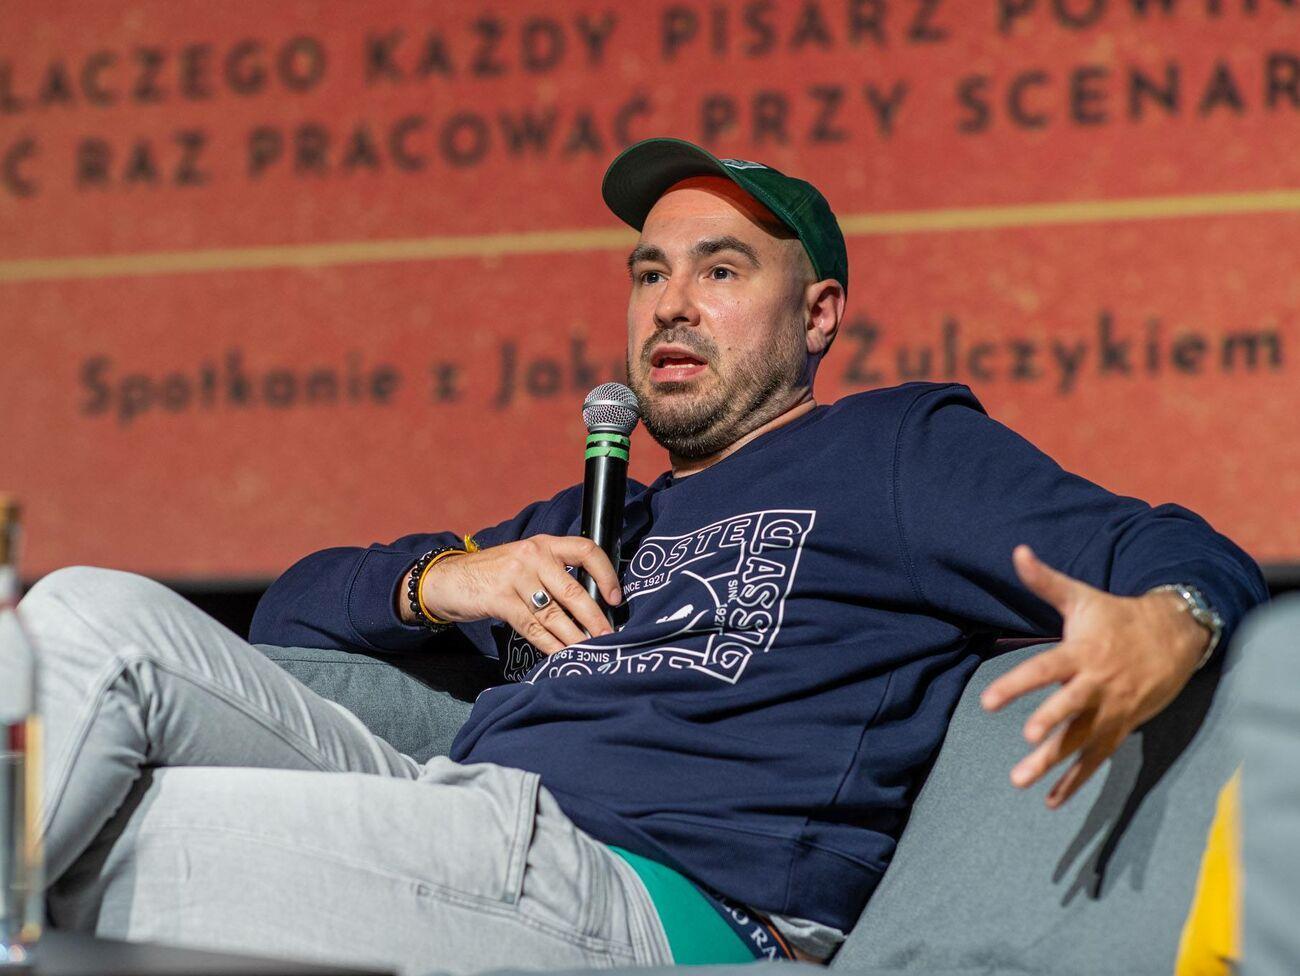 Польському письменнику та журналісту загрожує три роки в'язниці за образу президента в соцмережі